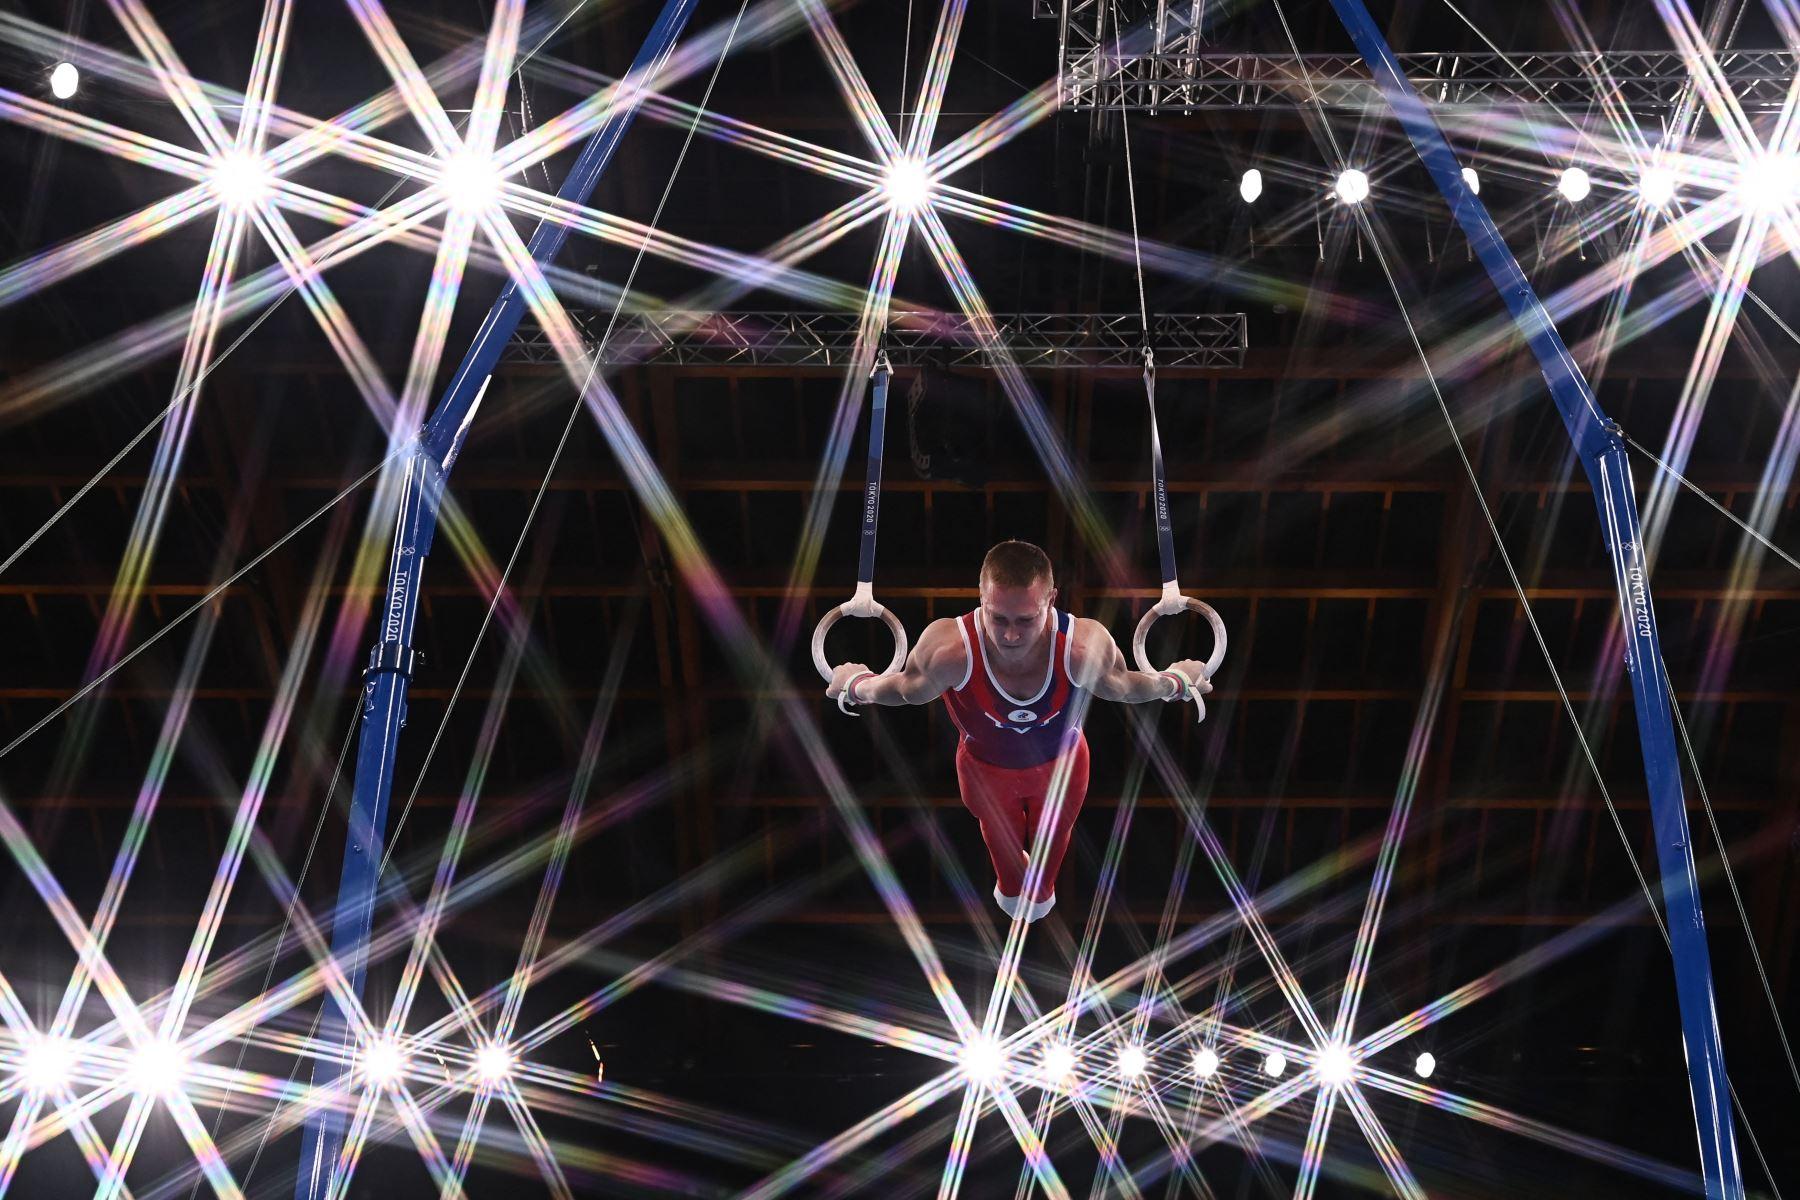 El ruso Denis Abliazin compite en la final de anillos masculinos de gimnasia artística de los Juegos Olímpicos de Tokio 2020 en el Centro de Gimnasia Ariake en Tokio. Foto: AFP